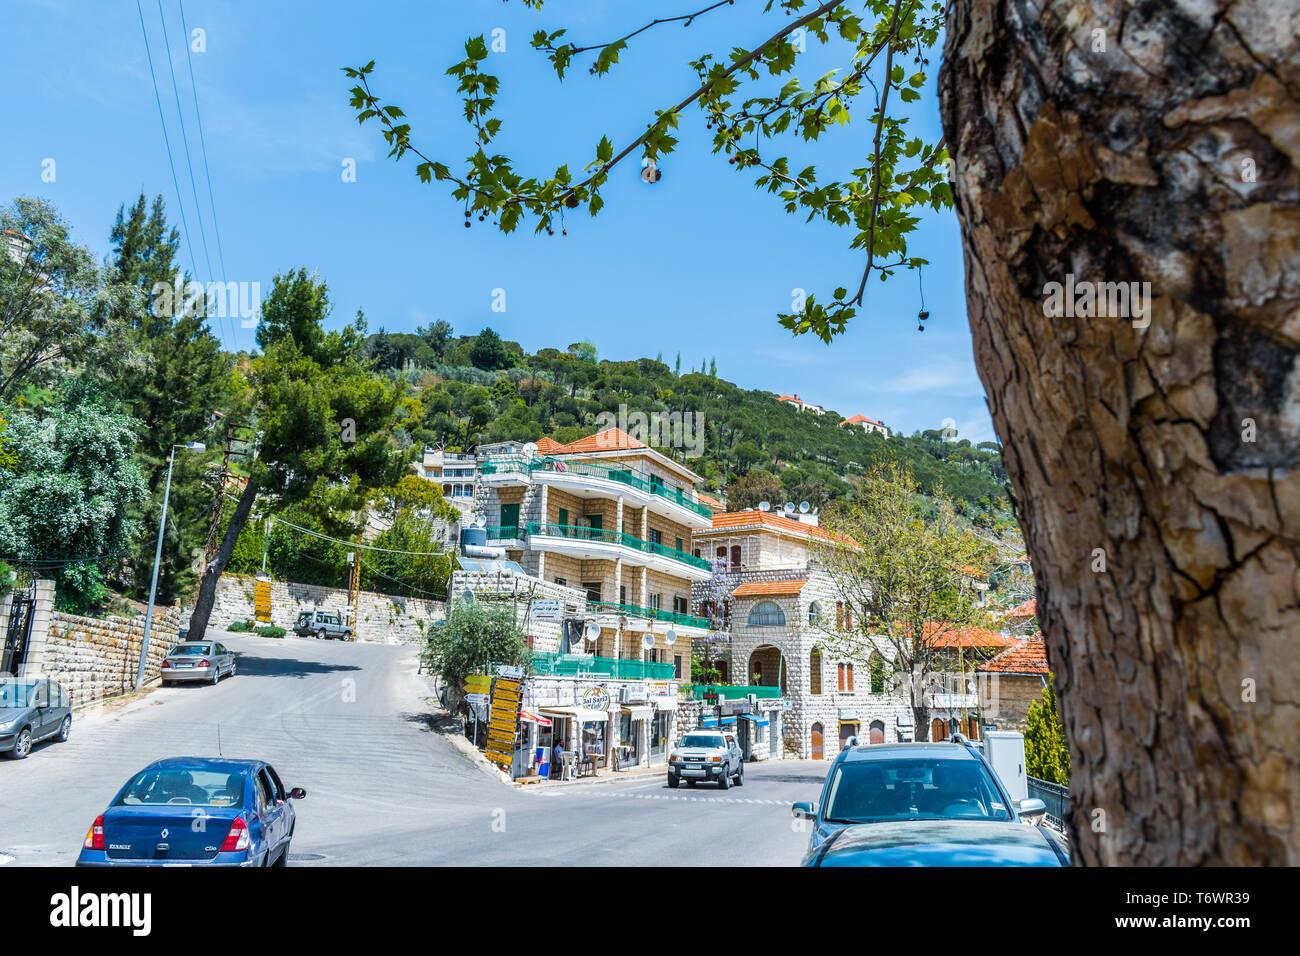 Esta es una captura de Der El Kamar una aldea ubicada en el Líbano, donde se puede apreciar la arquitectura tradicional de las casas con techos de tejas de naranja un Foto de stock